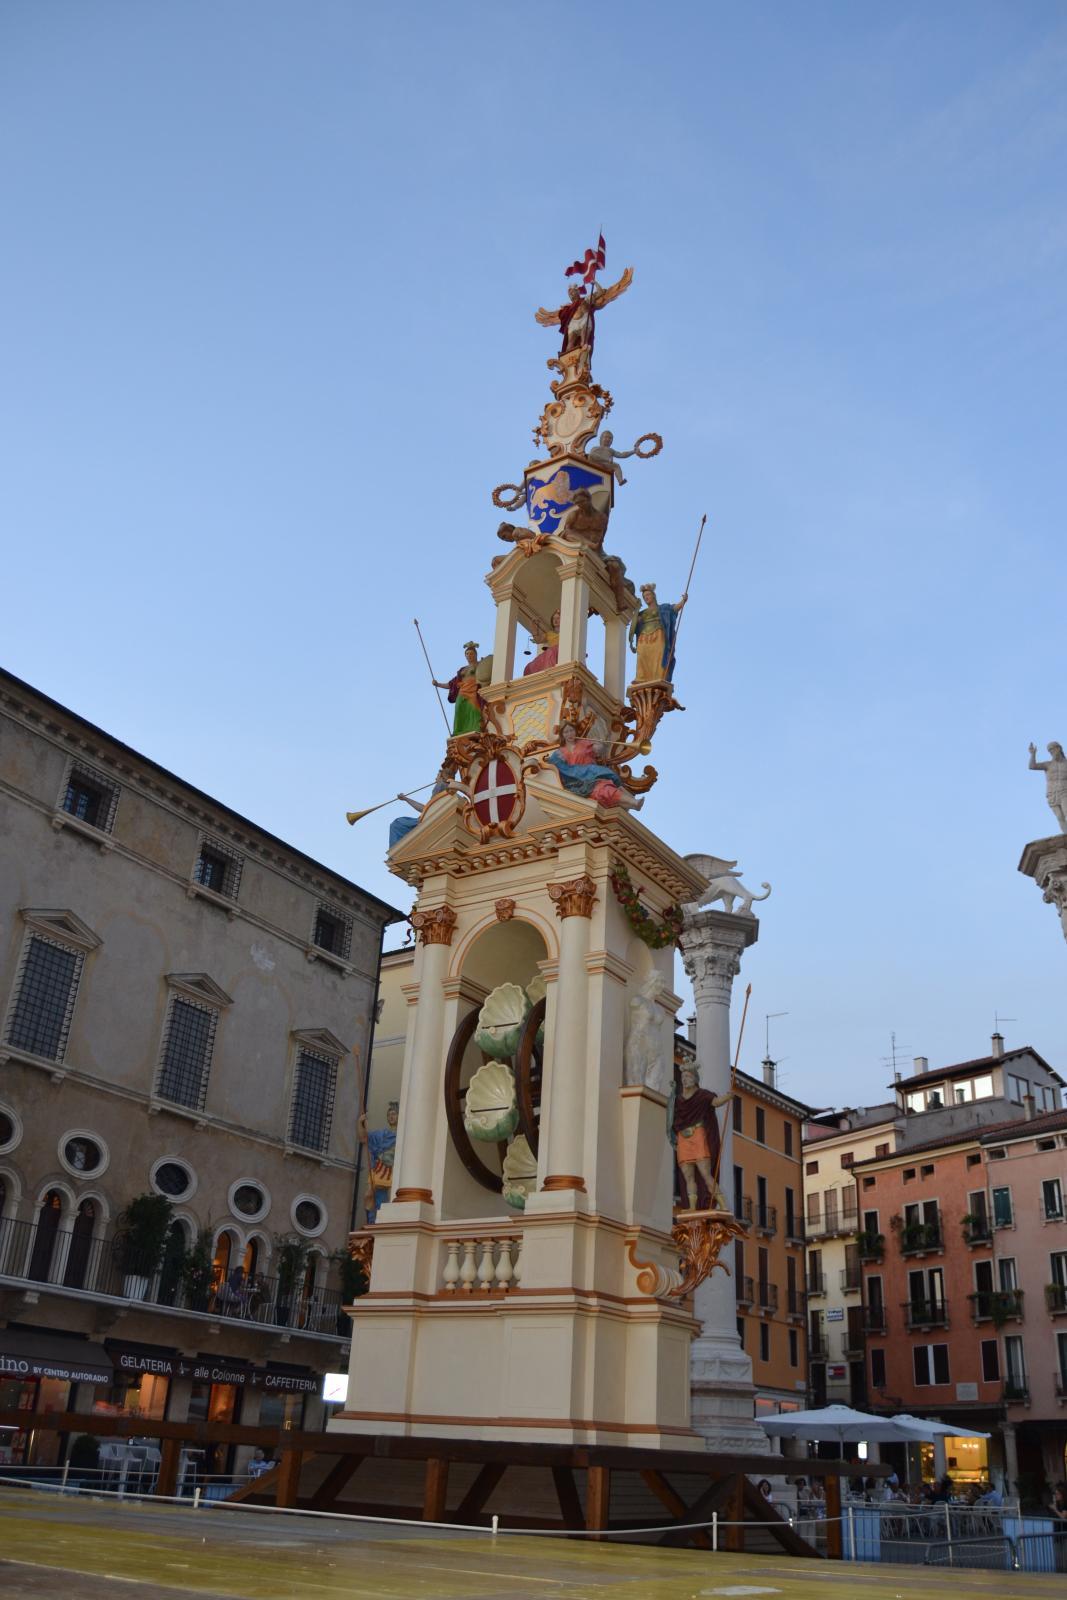 La Rua in Piazza dei Signori